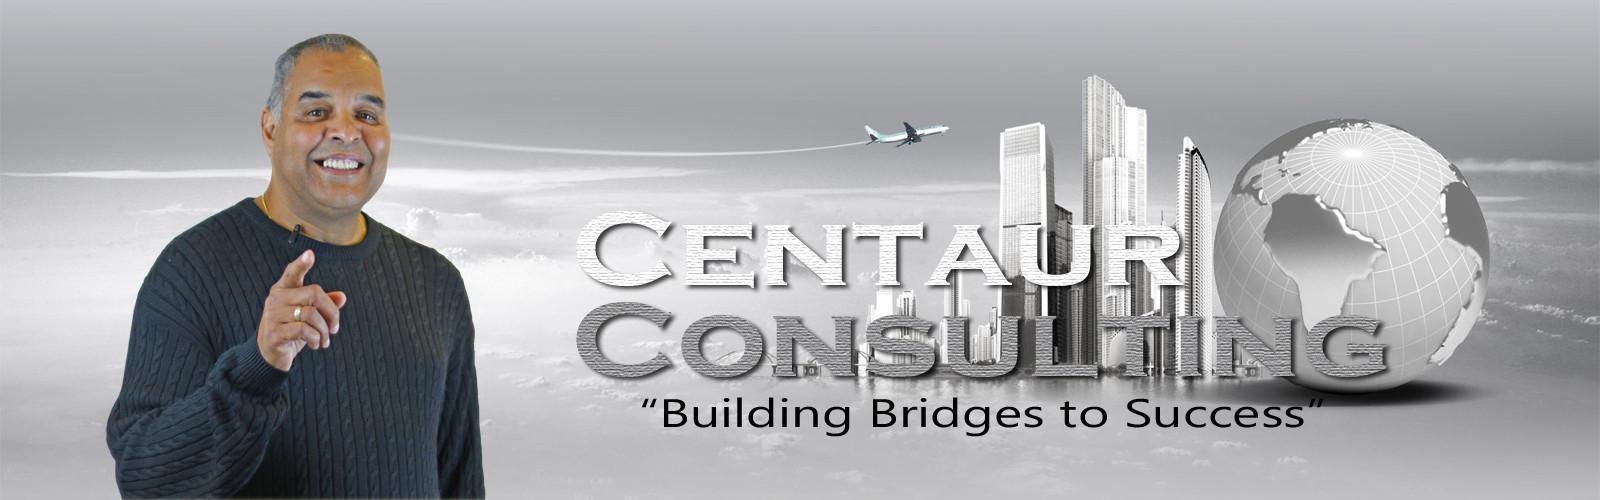 Centaur Consulting